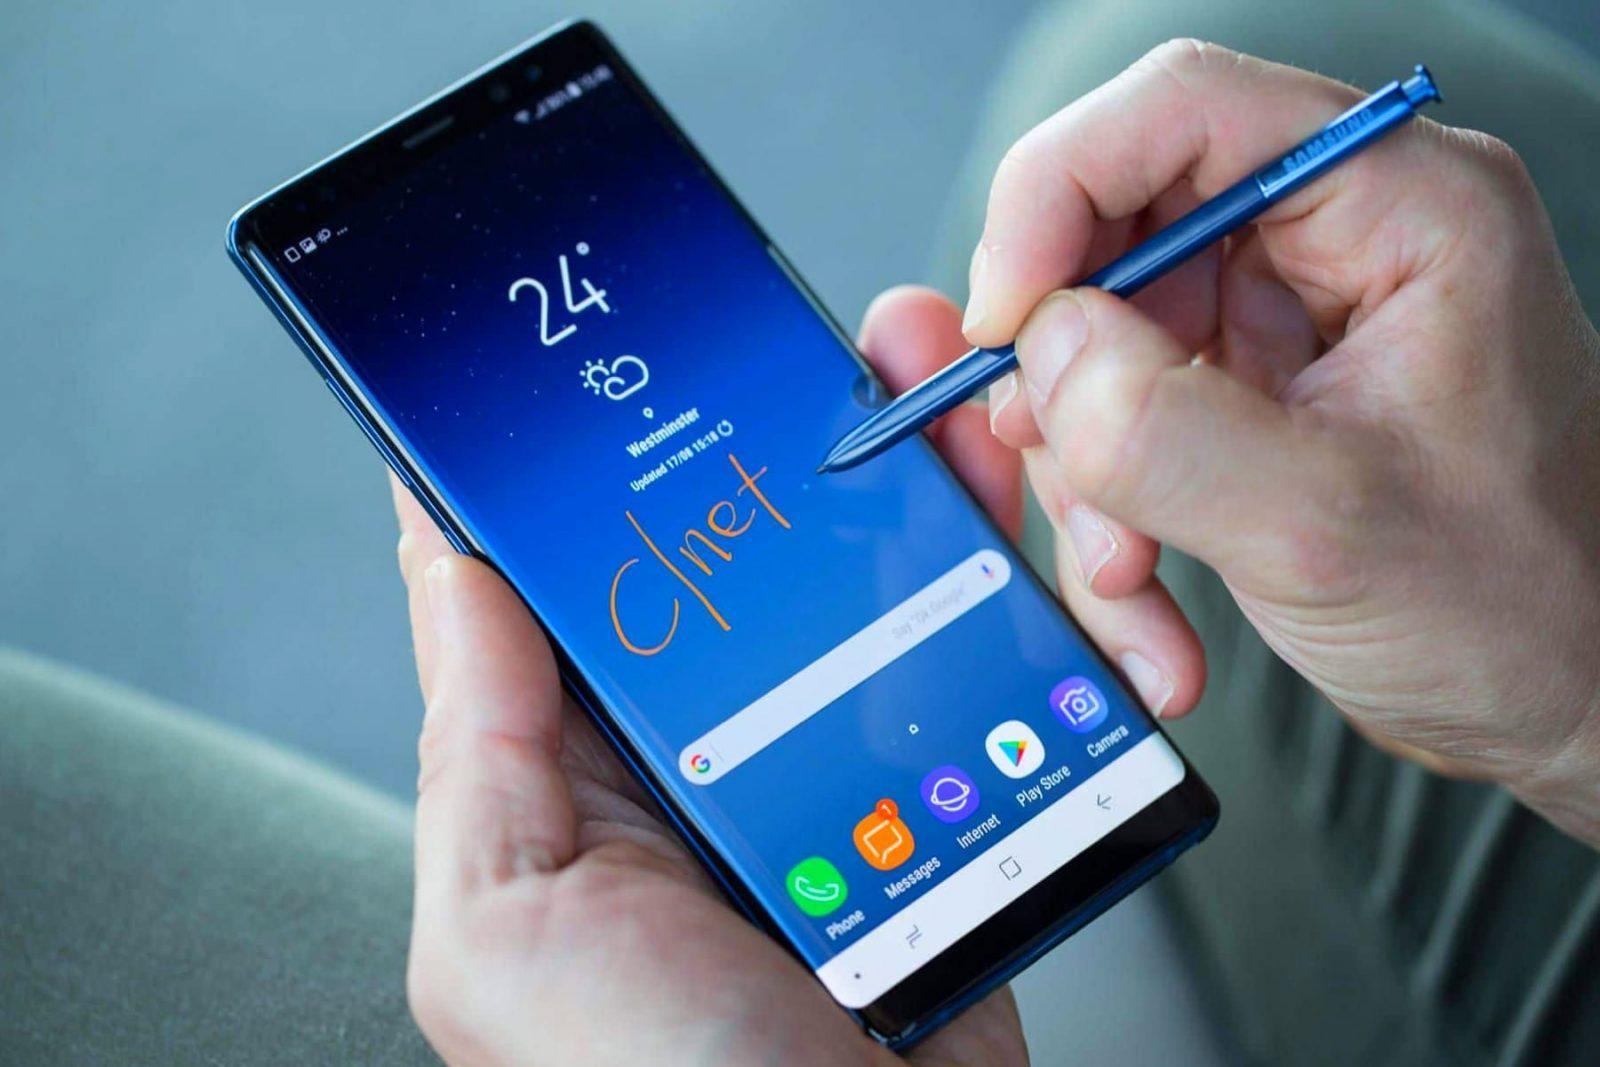 Вот так смартфон лежит в руках